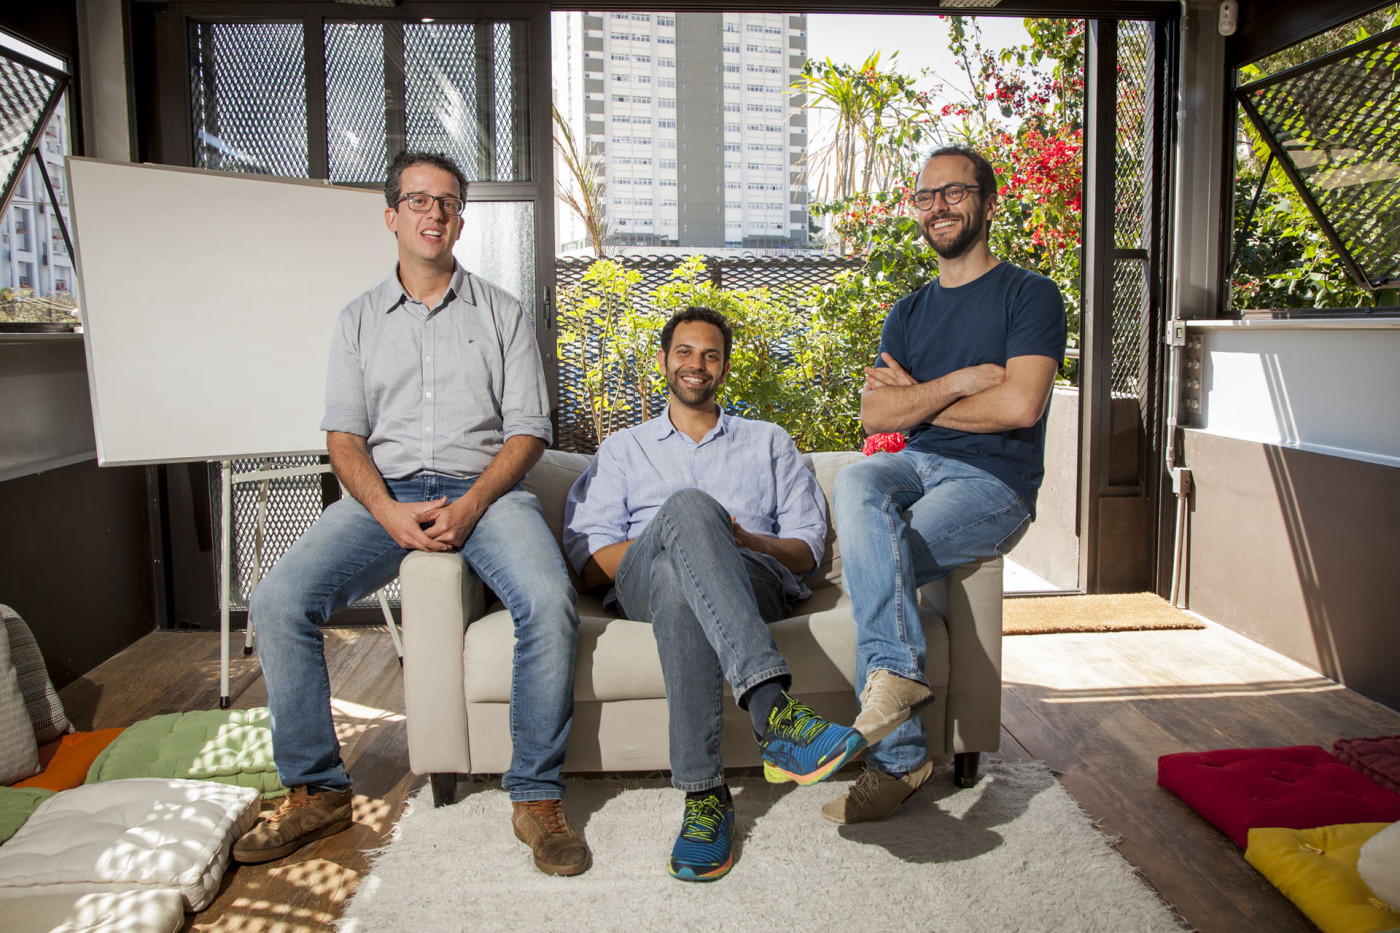 Diogo Vallim, Fernando Assad e Mateus Mendonça, da Giral. Com o tempo, a empresa se moldou a novas exigências do mercado — e ao amadurecimento da relação entre os sócios.